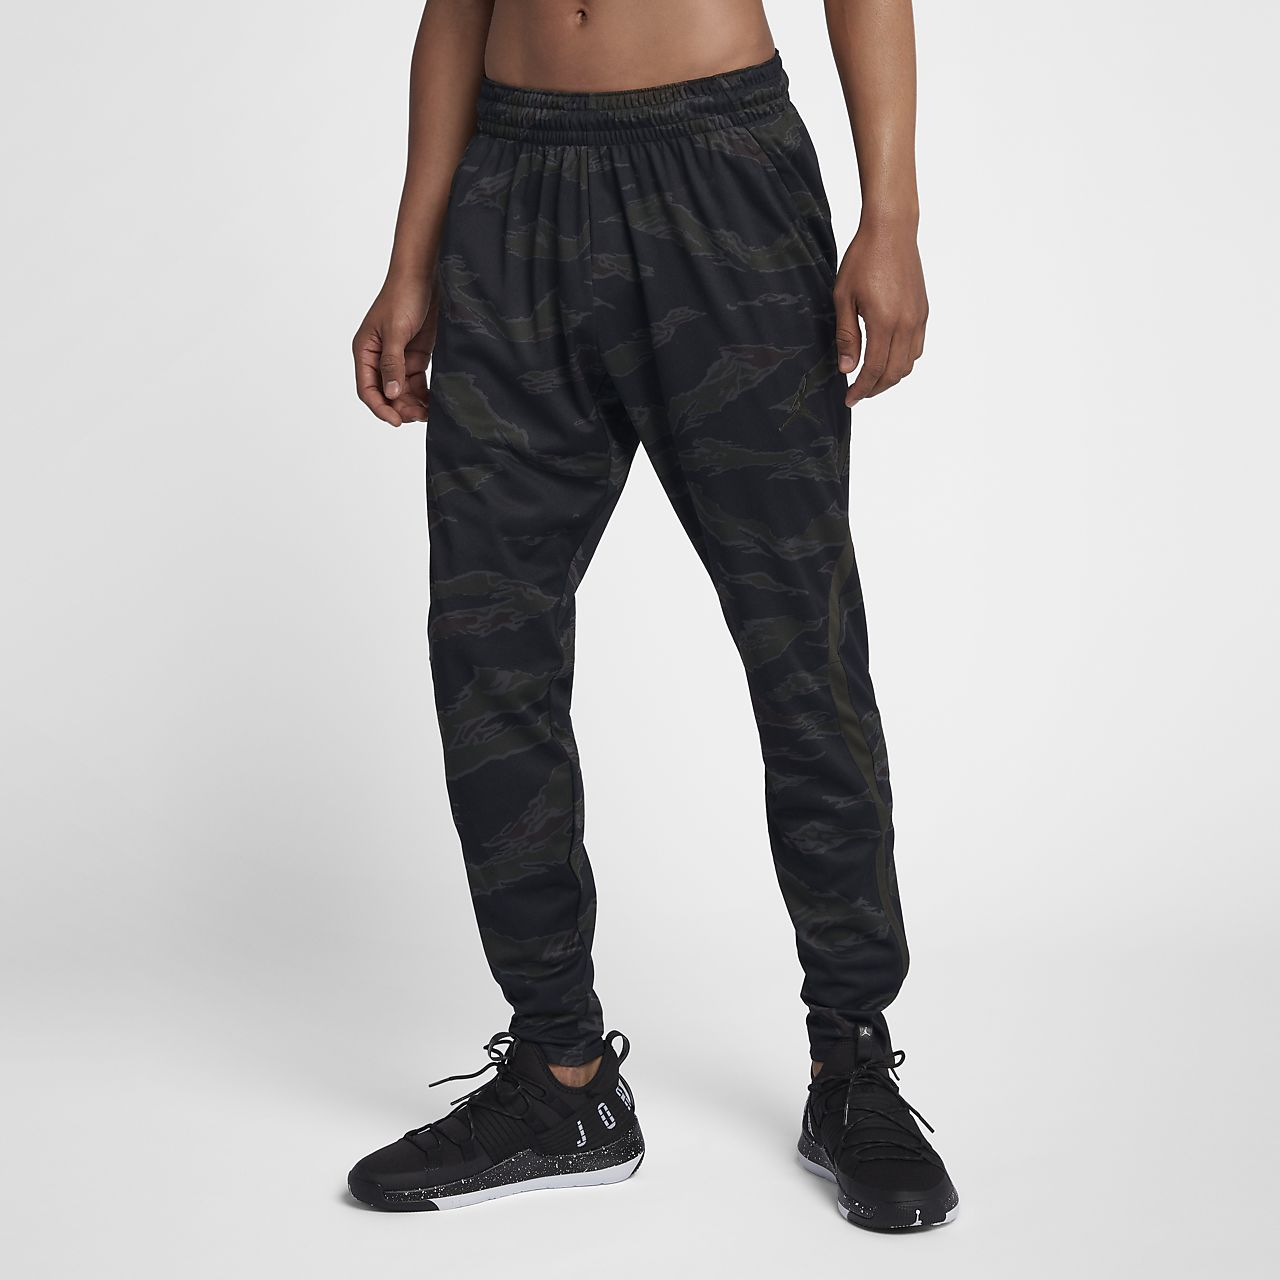 Jordan Dri-FIT 23 Alpha 男款印花訓練運動褲